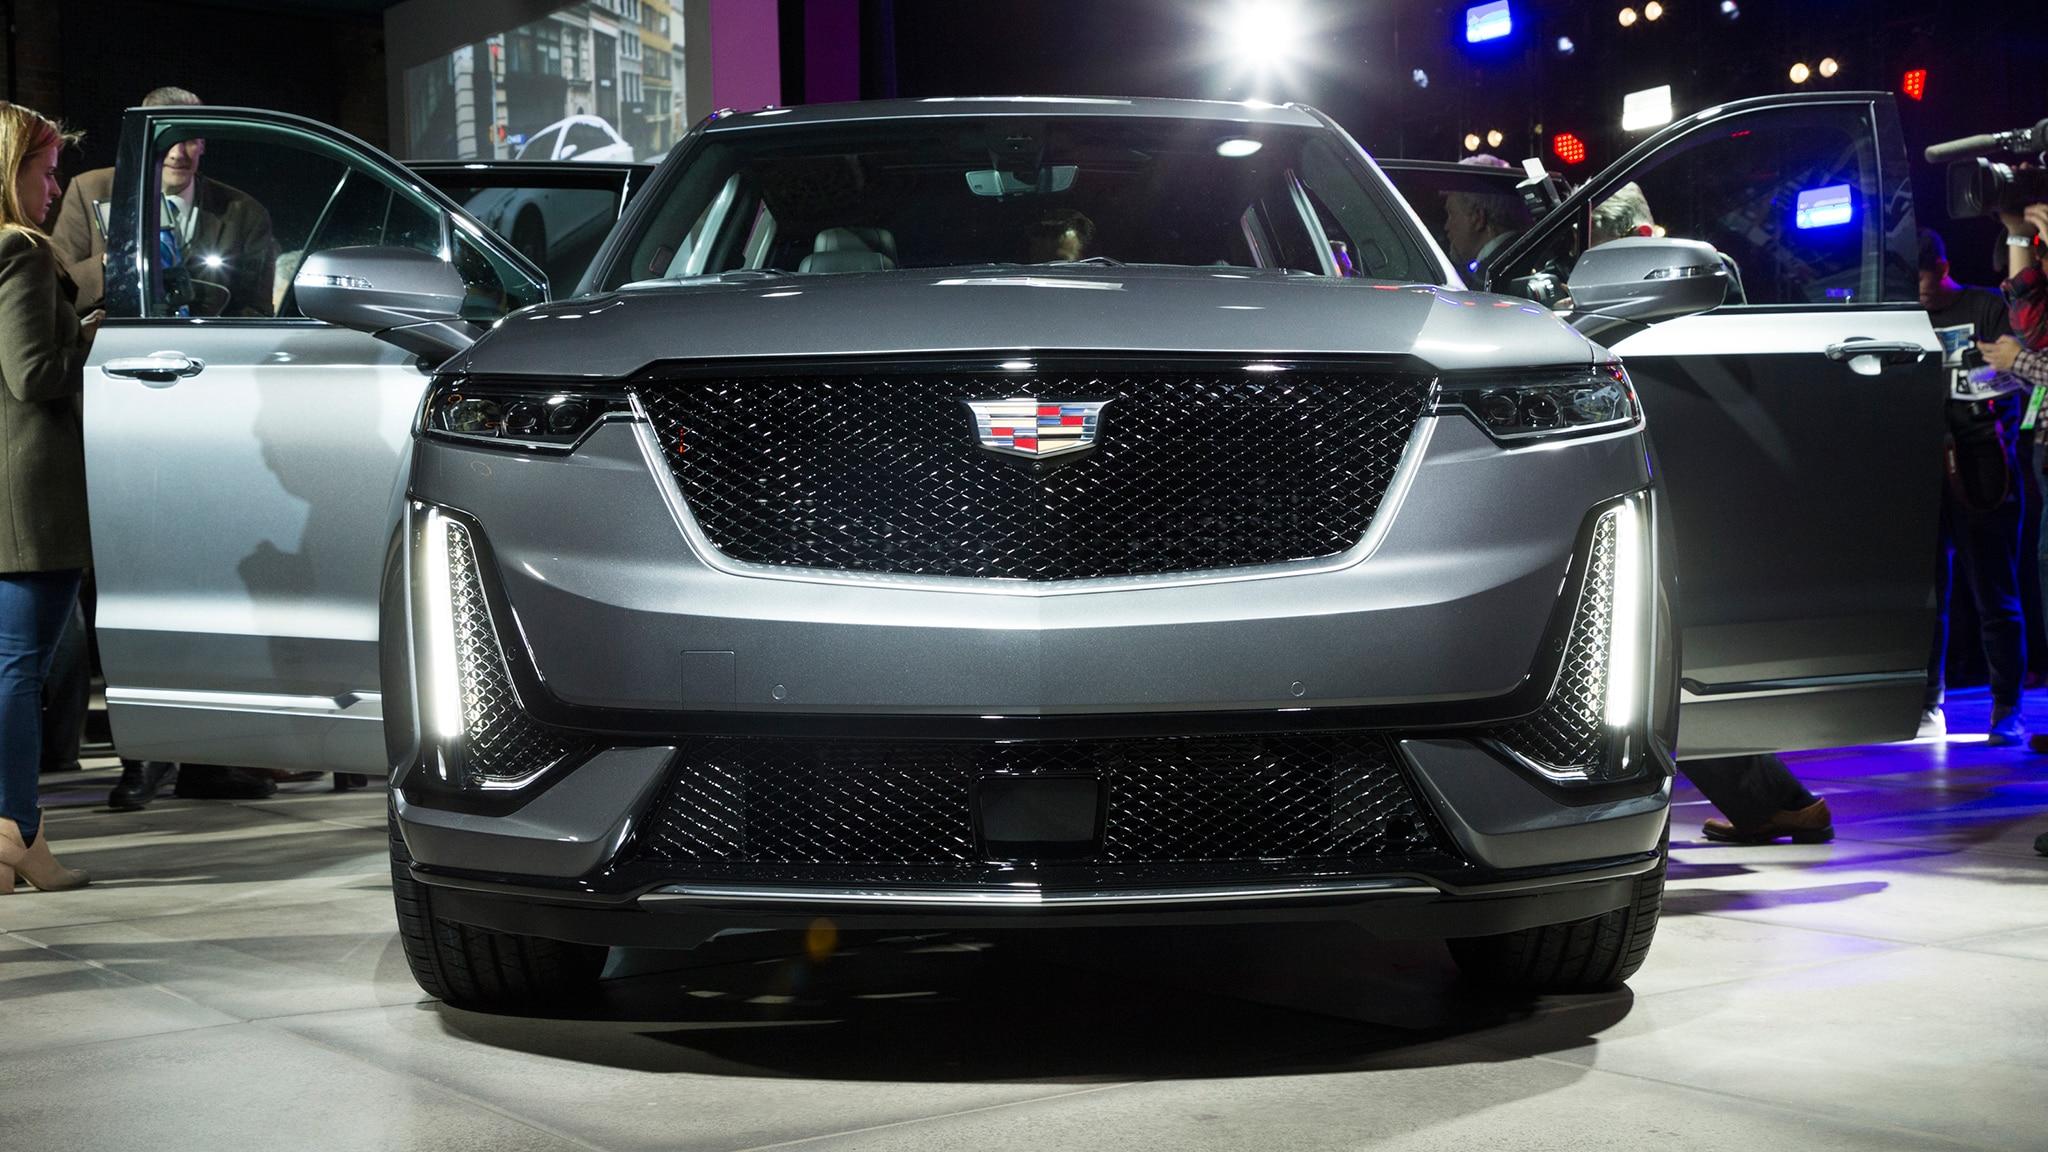 2020 Cadillac XT6: A More Genteel Three-Row Crossover SUV